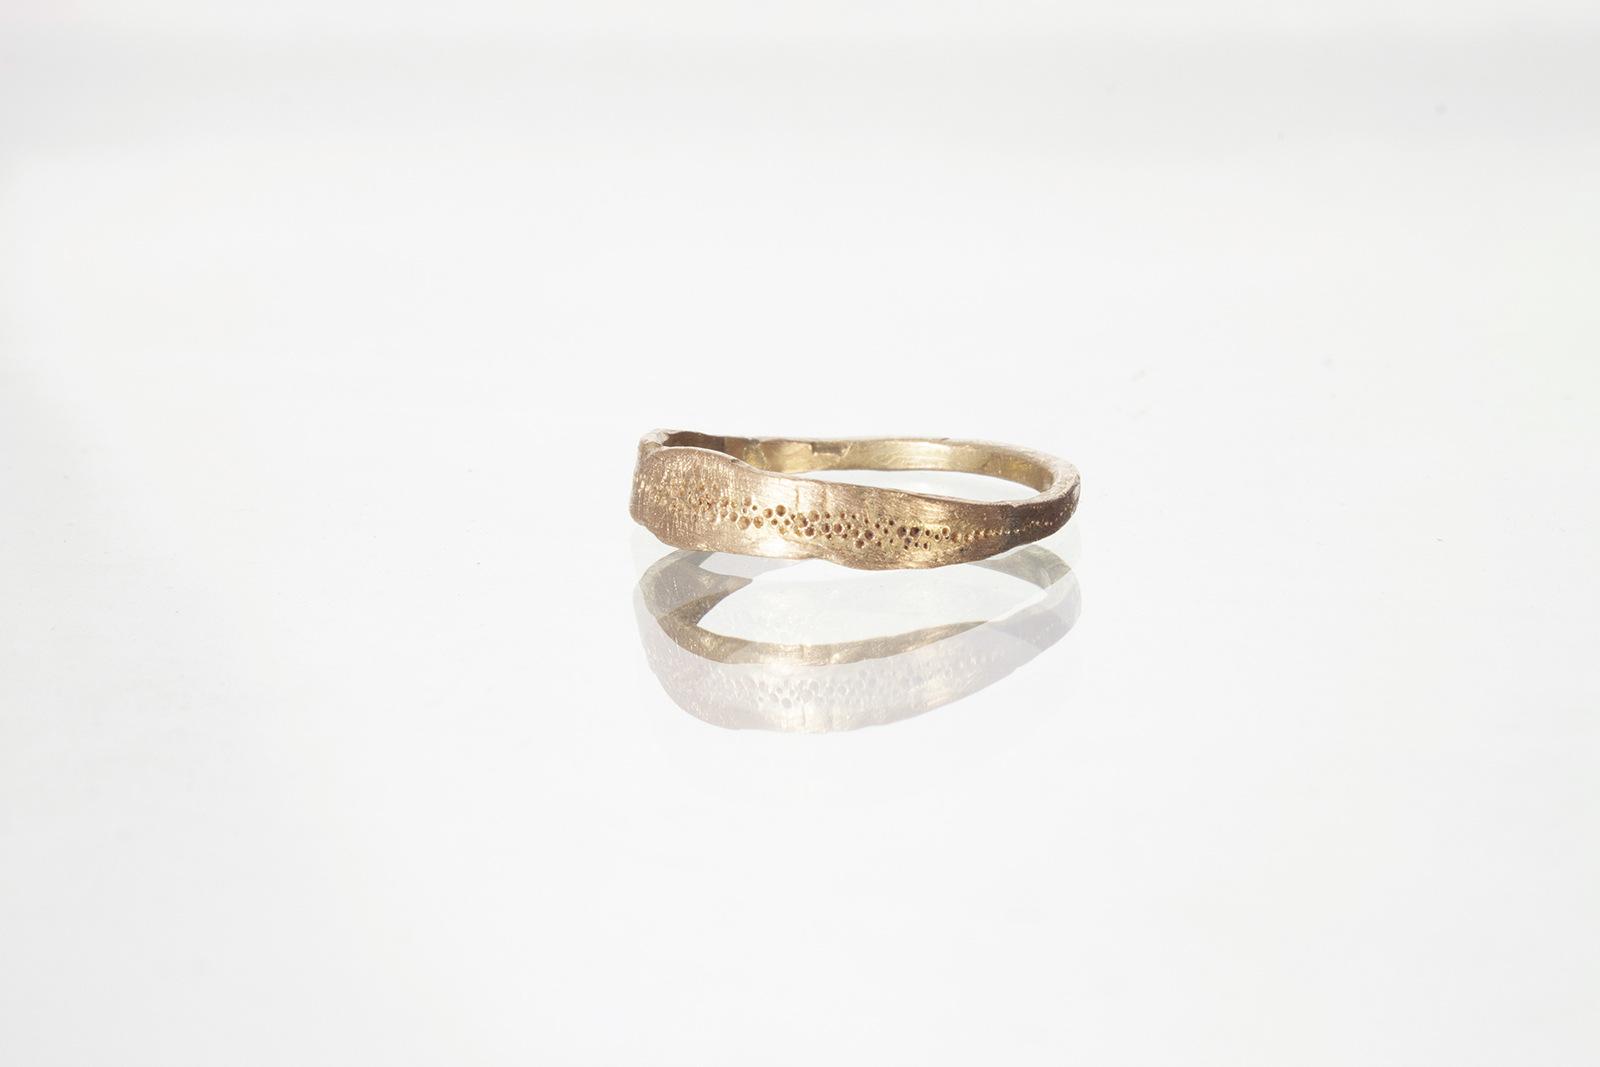 Celine-Lareynie-bijoux-joaillerie-ethique-BAGUE-LA-SPLENDIDE-mat